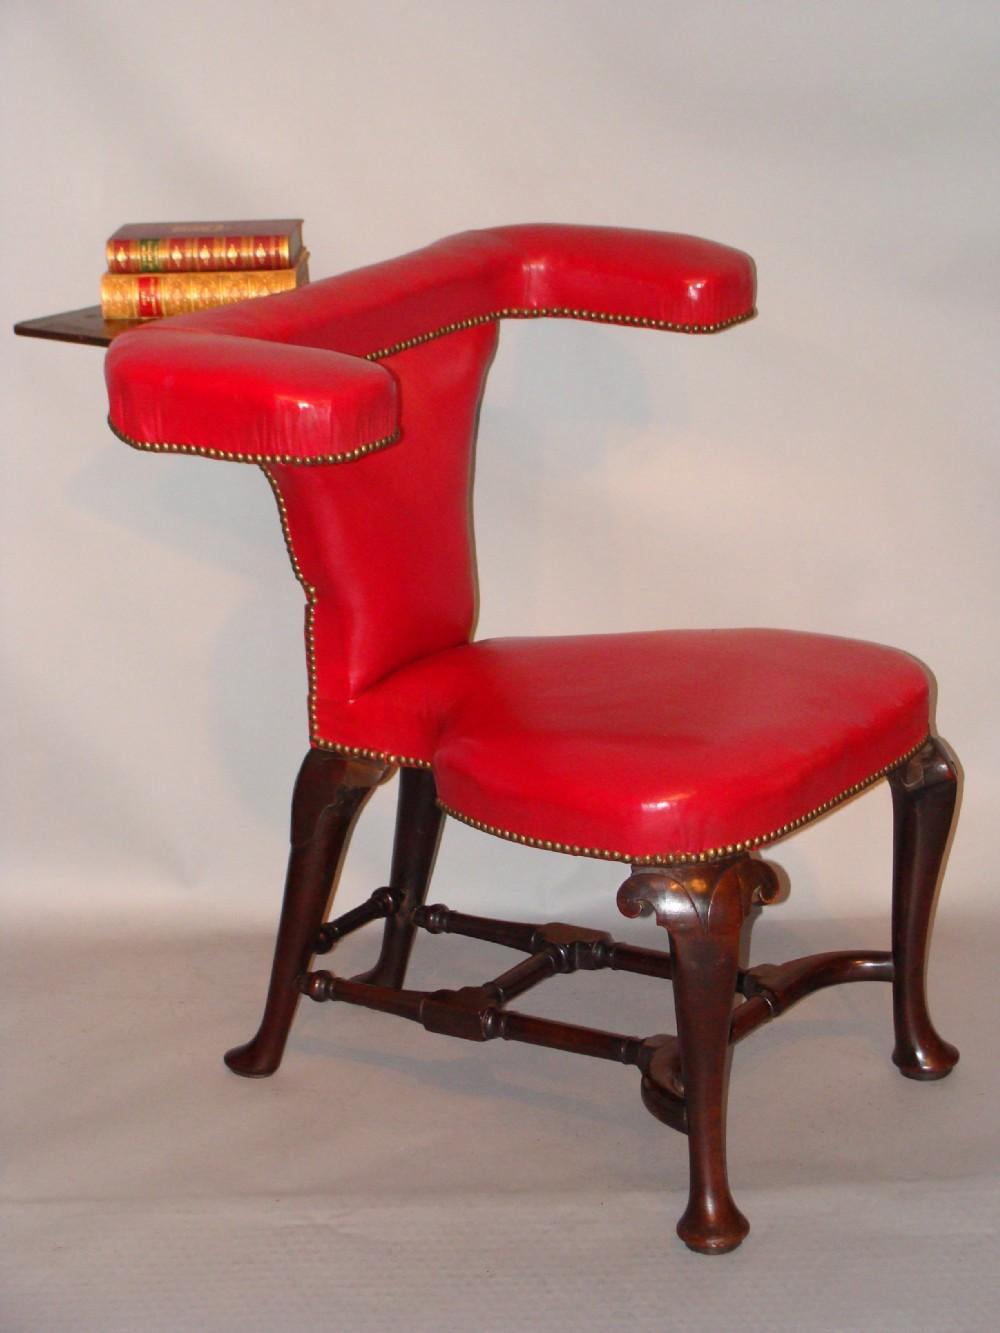 antique english mahogany reading library 'cockfighting' chair ca 172025 - Antique English Mahogany Reading/ Library/ 'cockfighting' Chair. Ca